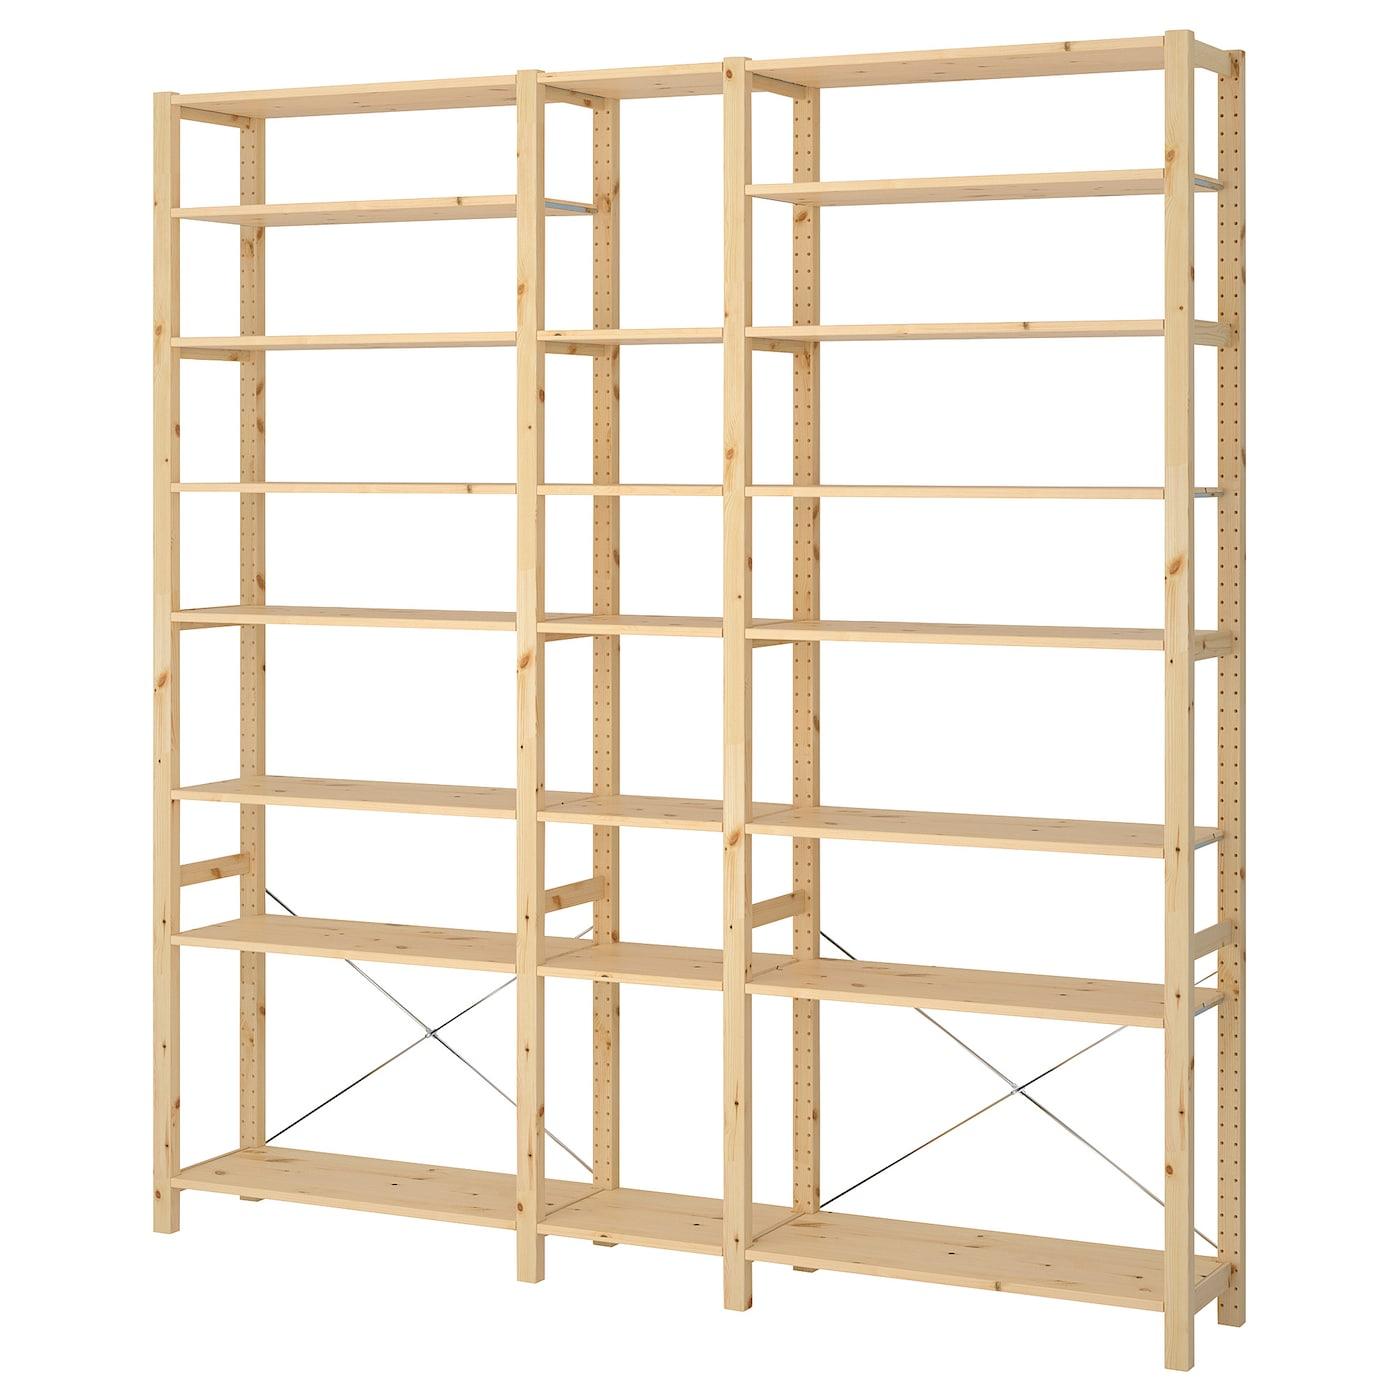 Opbergrekken Voor Garage.Opbergsystemen Rekken Vakkenkasten Ikea